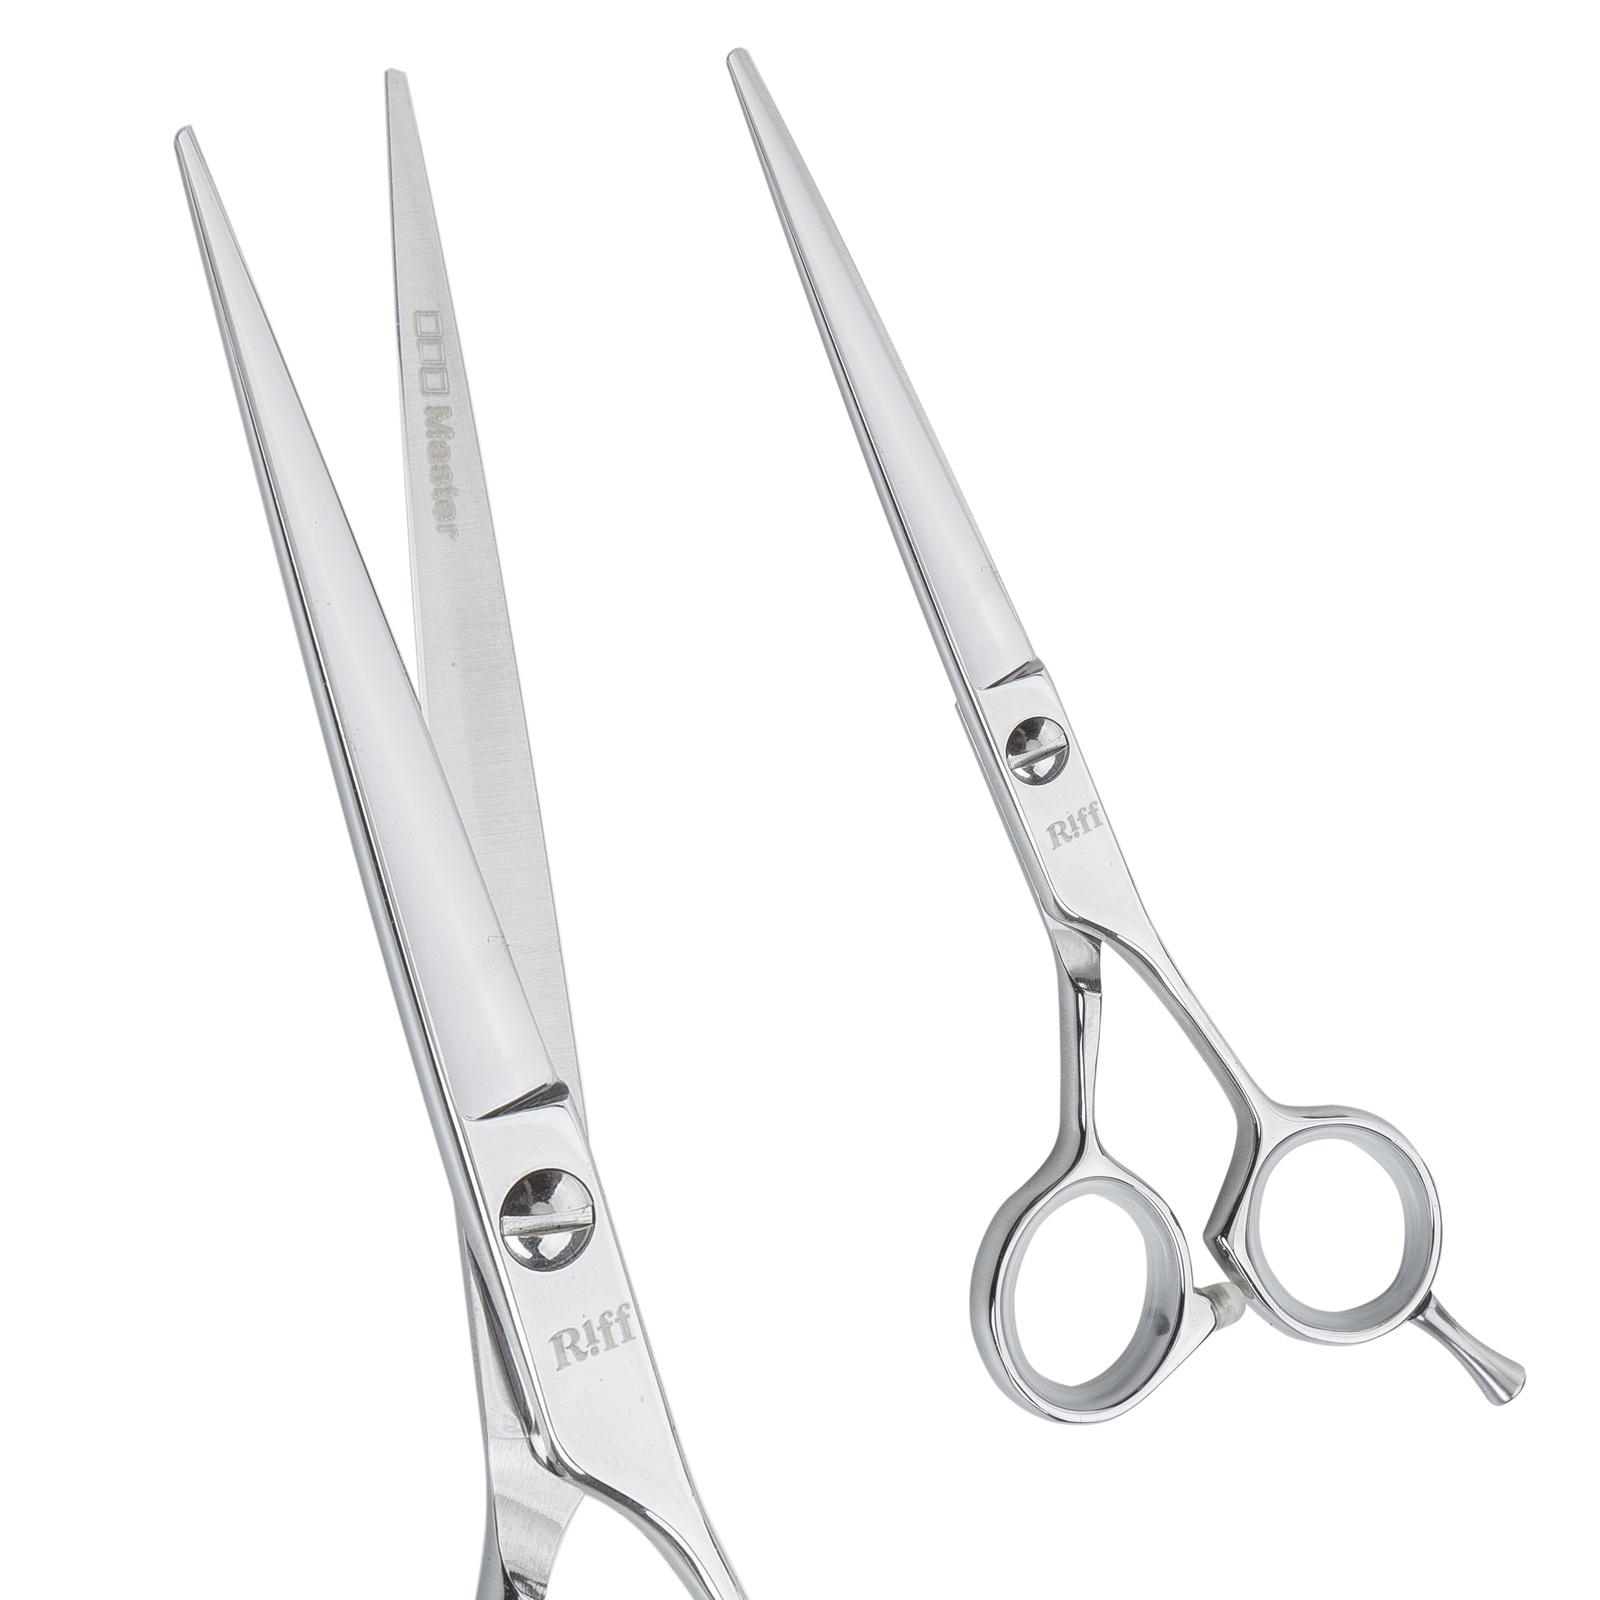 Ножницы парикмахерские RIFF Master, AM0160, 6 дюймов